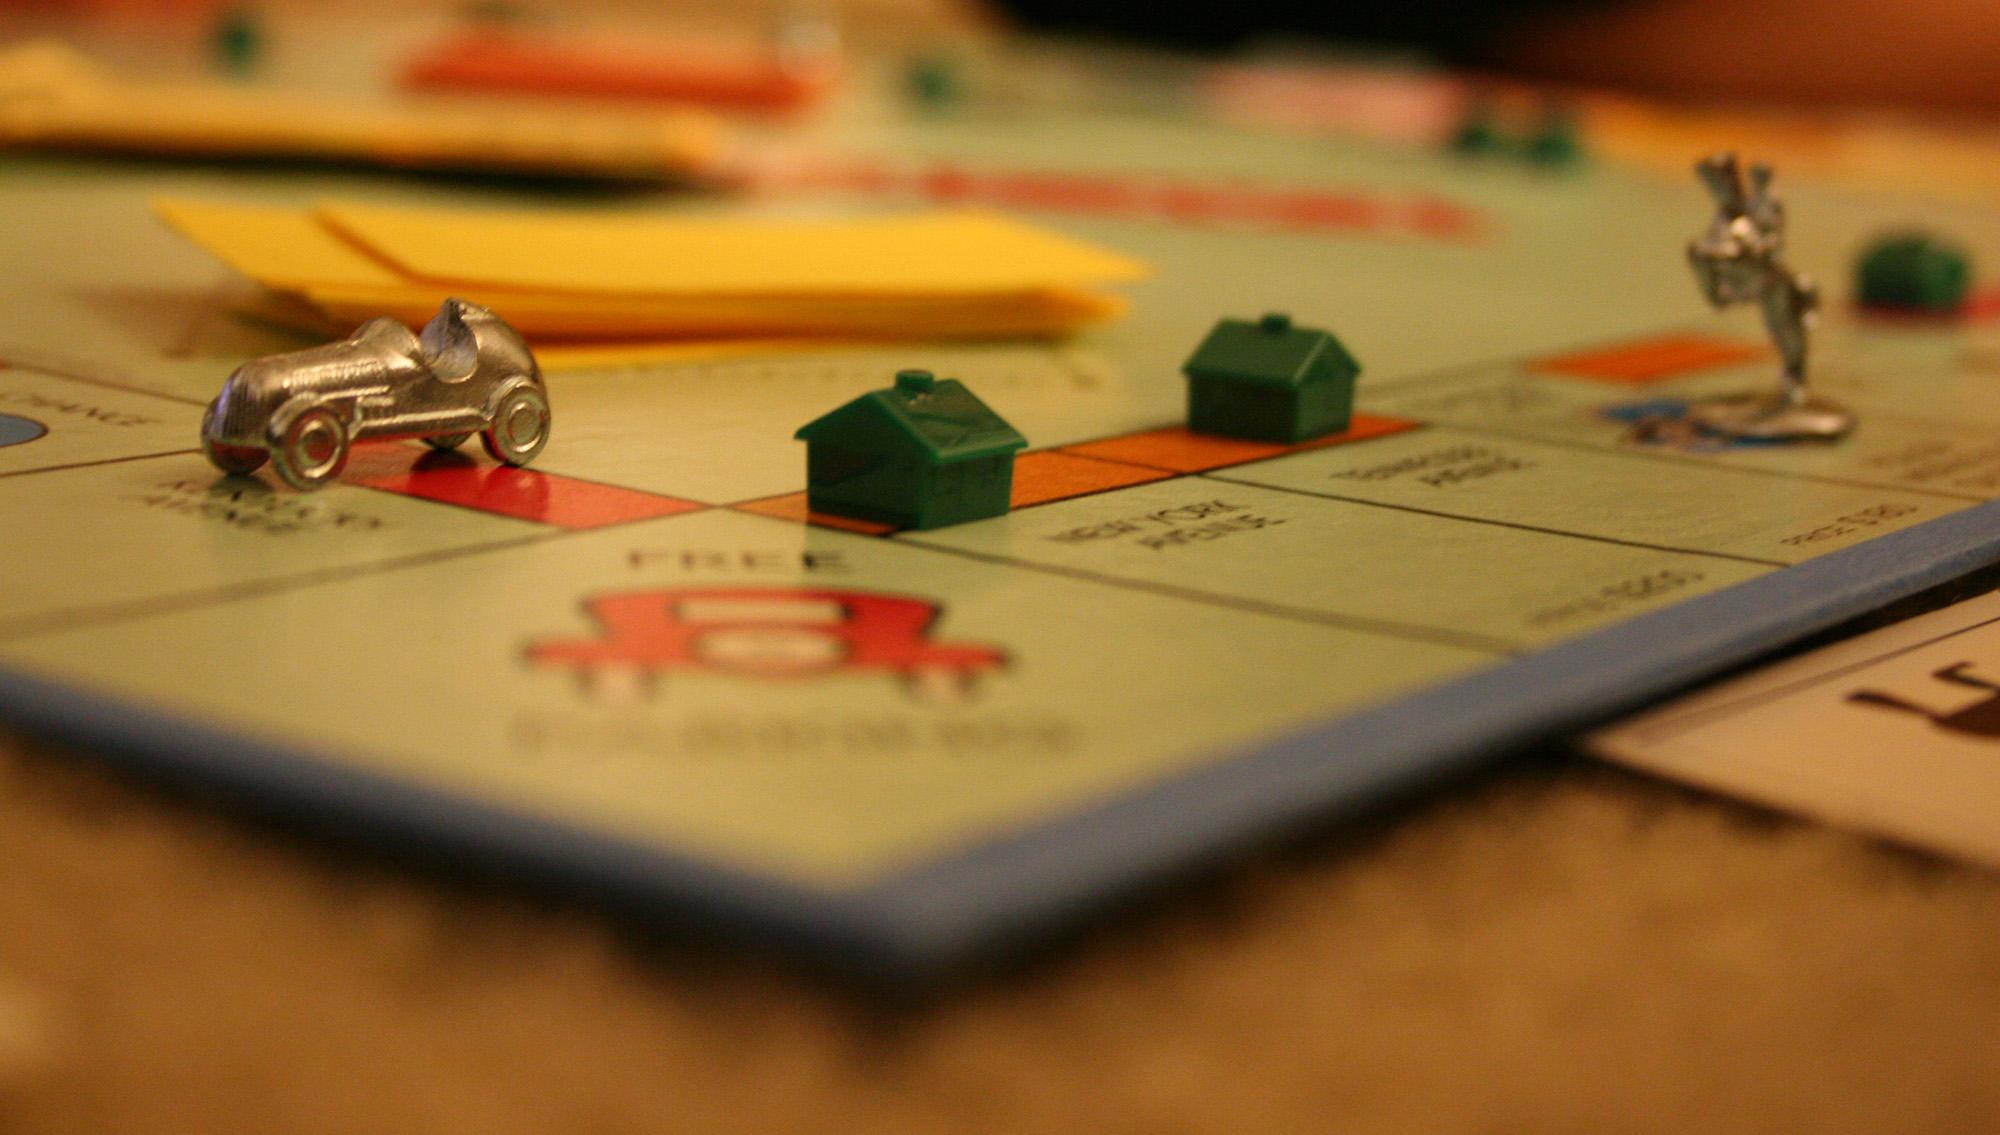 monopoly studiekeuze arbeidsperspectief carriere